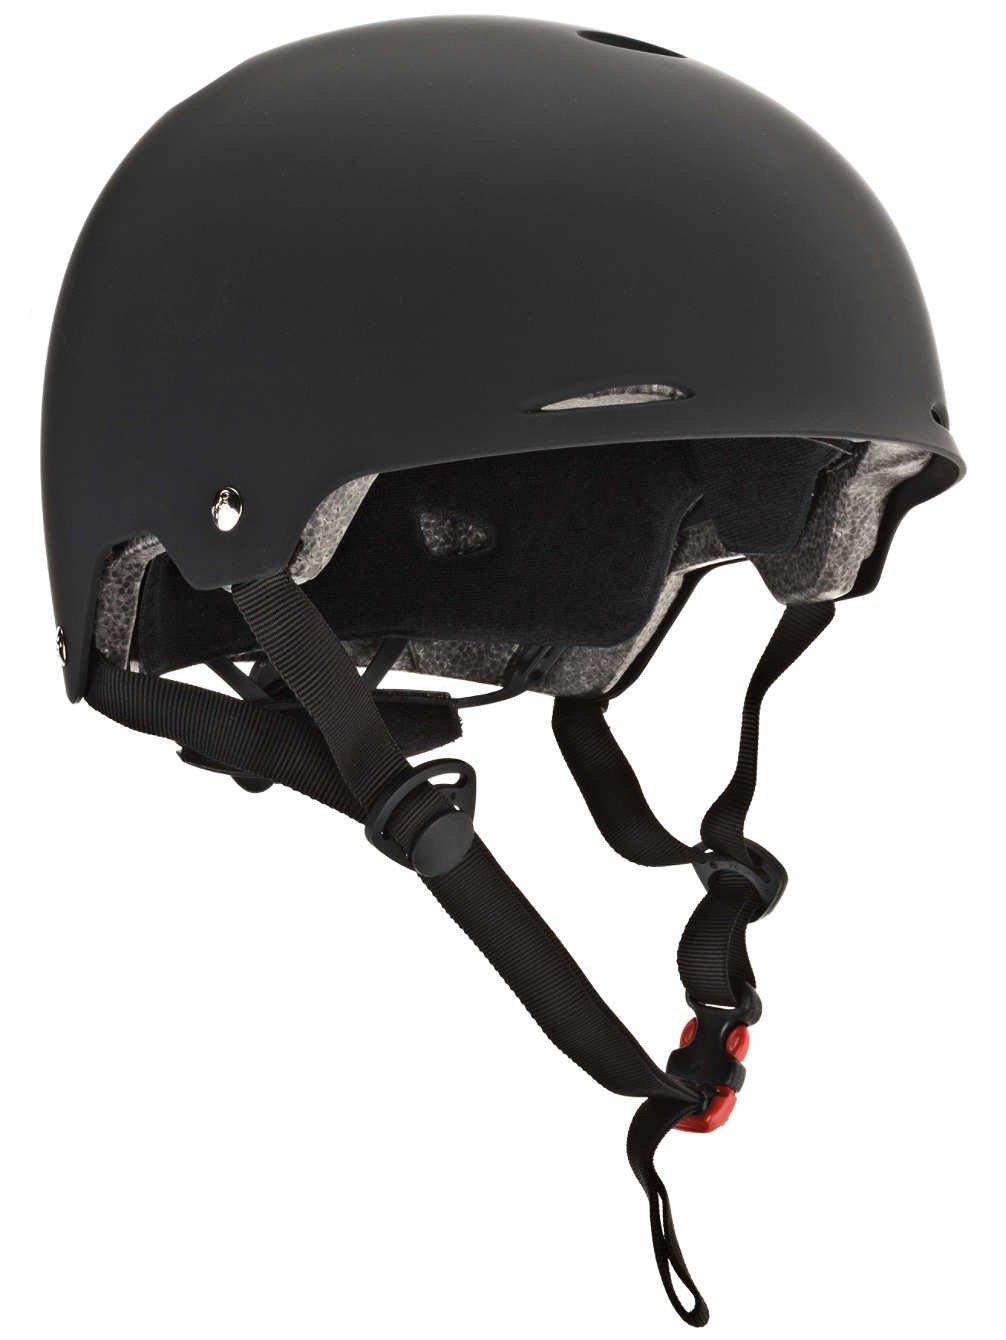 注目のブランド B00NGQ5HVMスケートヘルメット女性トリプル8ゴッサムゴム製マットヘルメット B00NGQ5HVM, いばらきけん:62451883 --- a0267596.xsph.ru